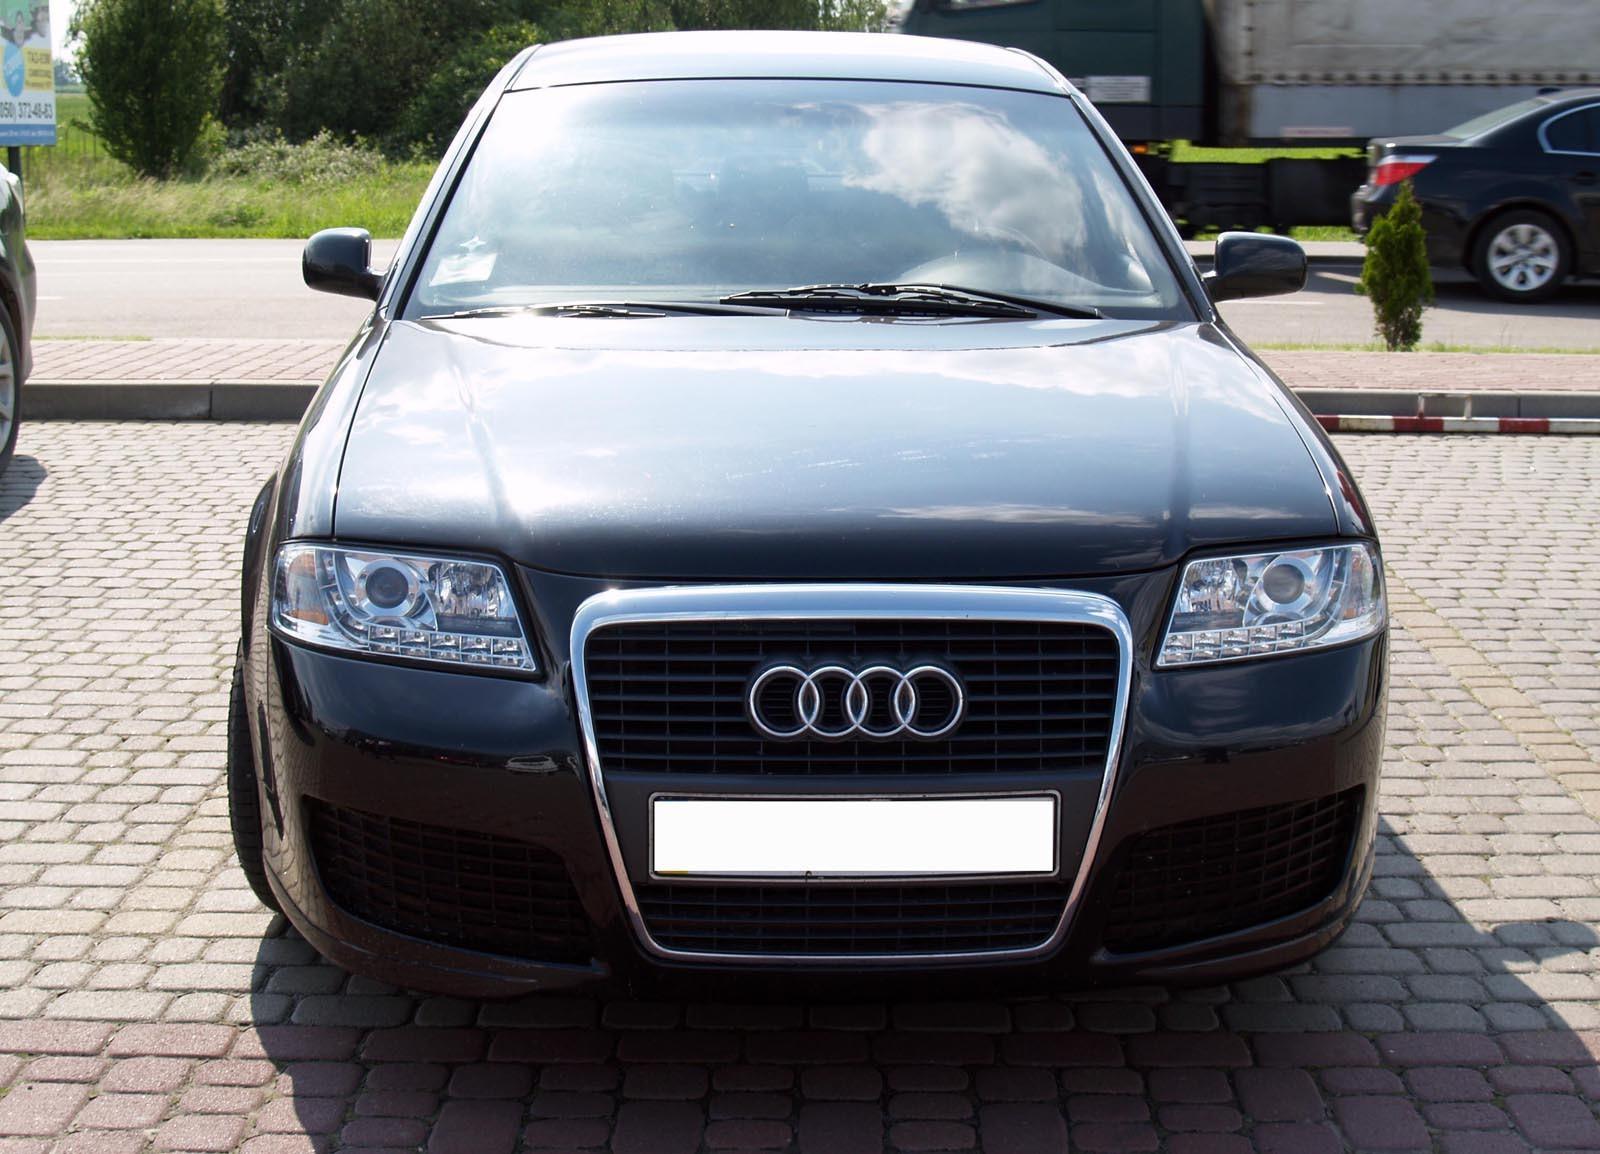 Иногда восточноевропейские кудесники в процессе ремонте могут стилизовать машину под более современную модель! Так, например, как эту Audi A6